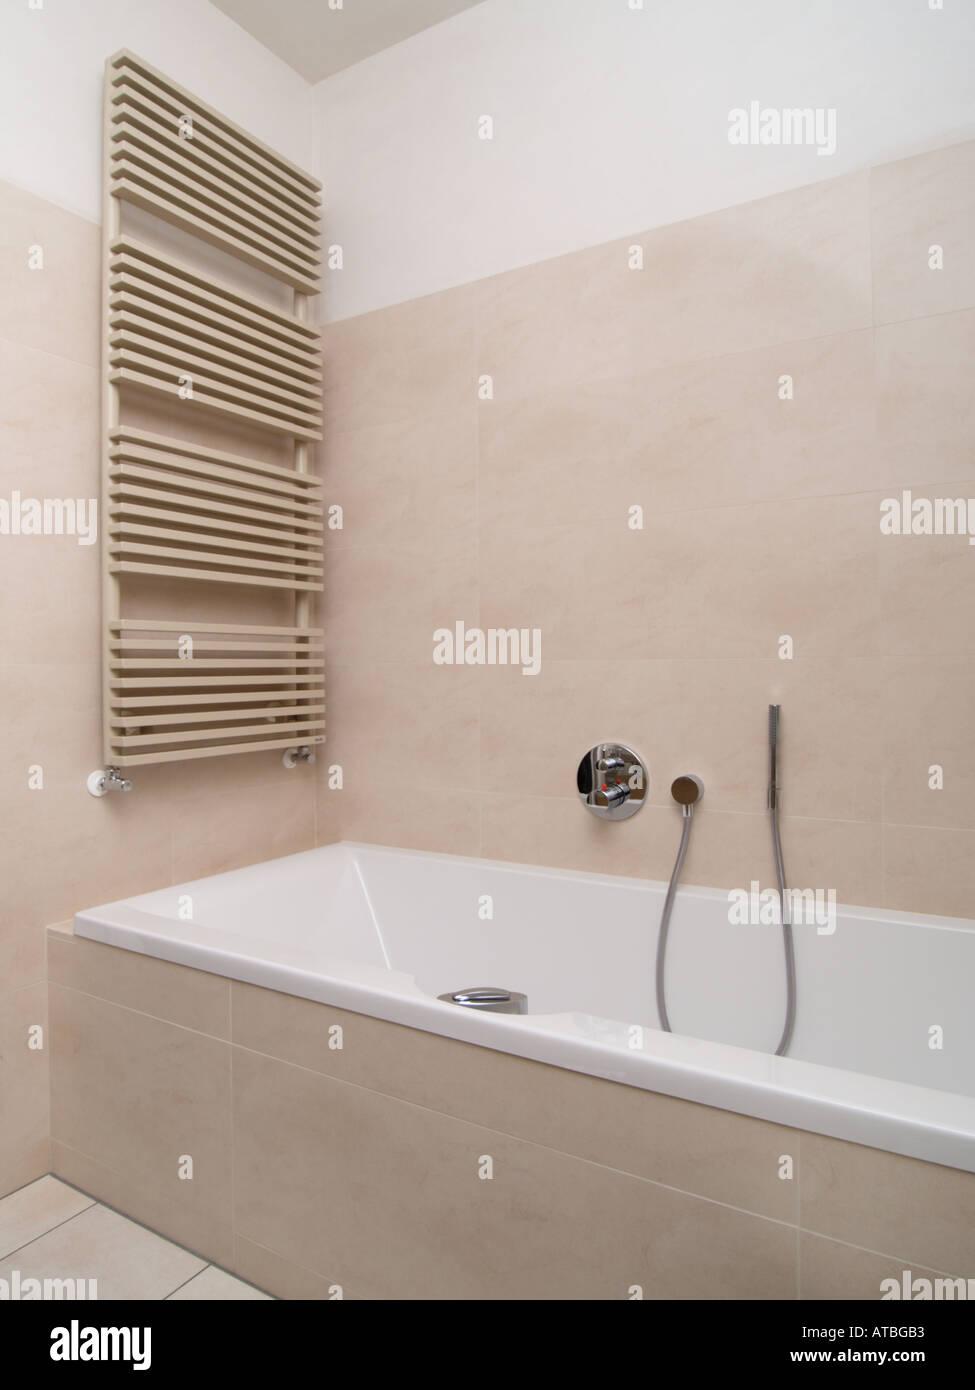 Nuevo estilo moderno cuarto de baño con ducha y calefacción radiador ...